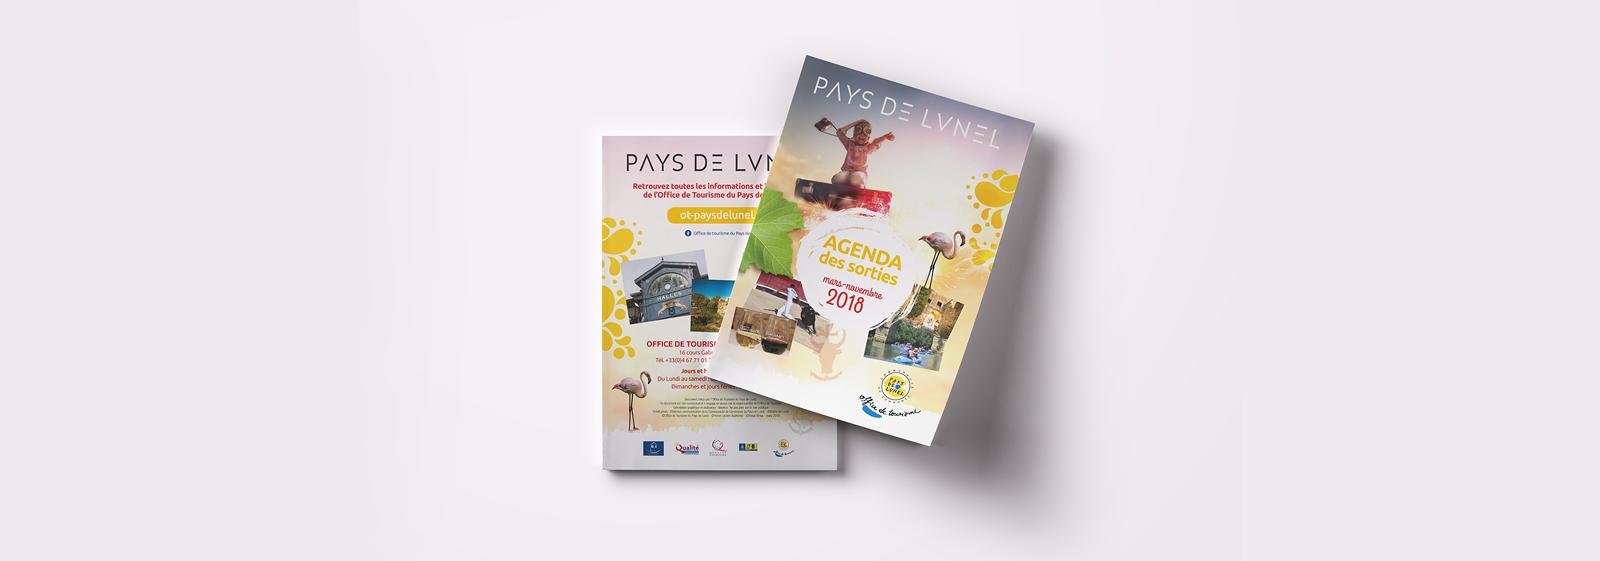 Agenda Office du tourisme - Lunel